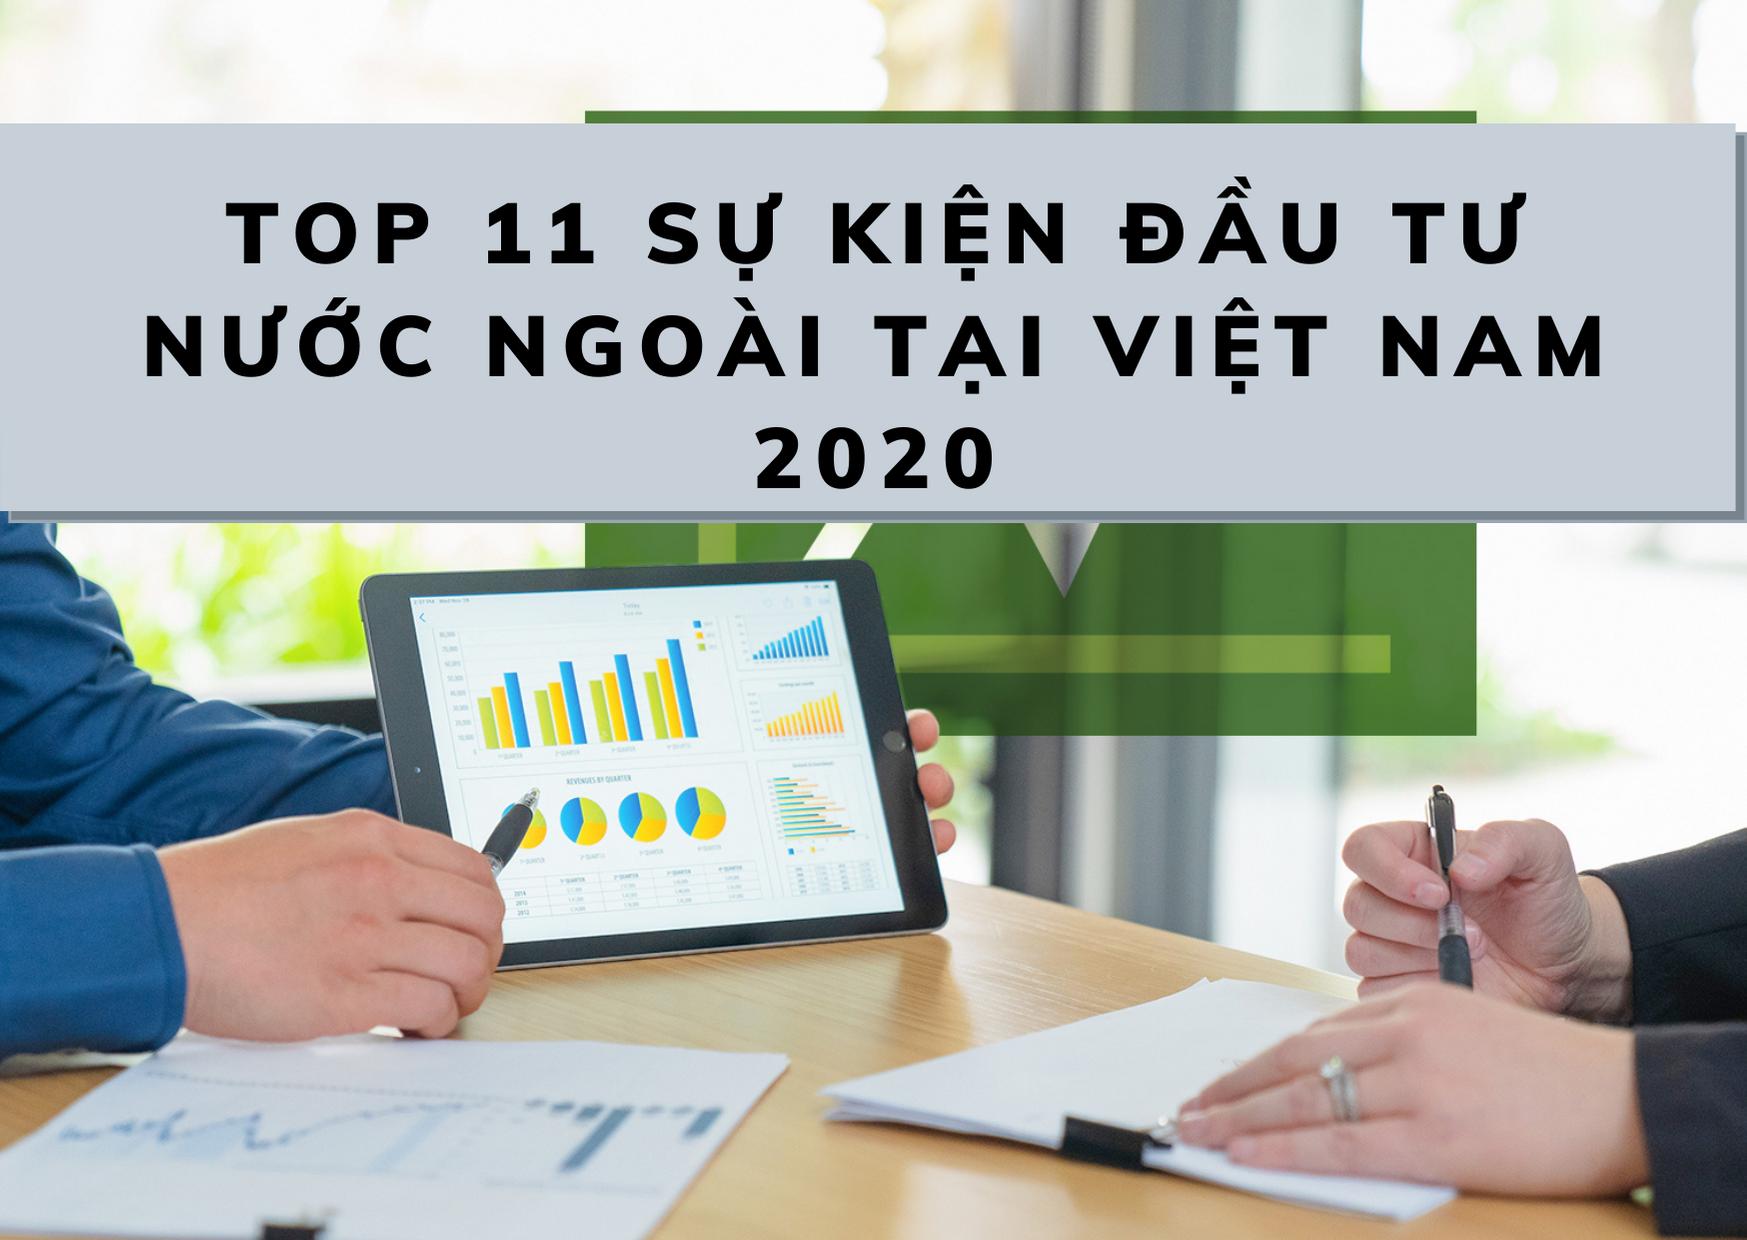 Top 11 sự kiện đầu tư nước ngoài tại Việt Nam